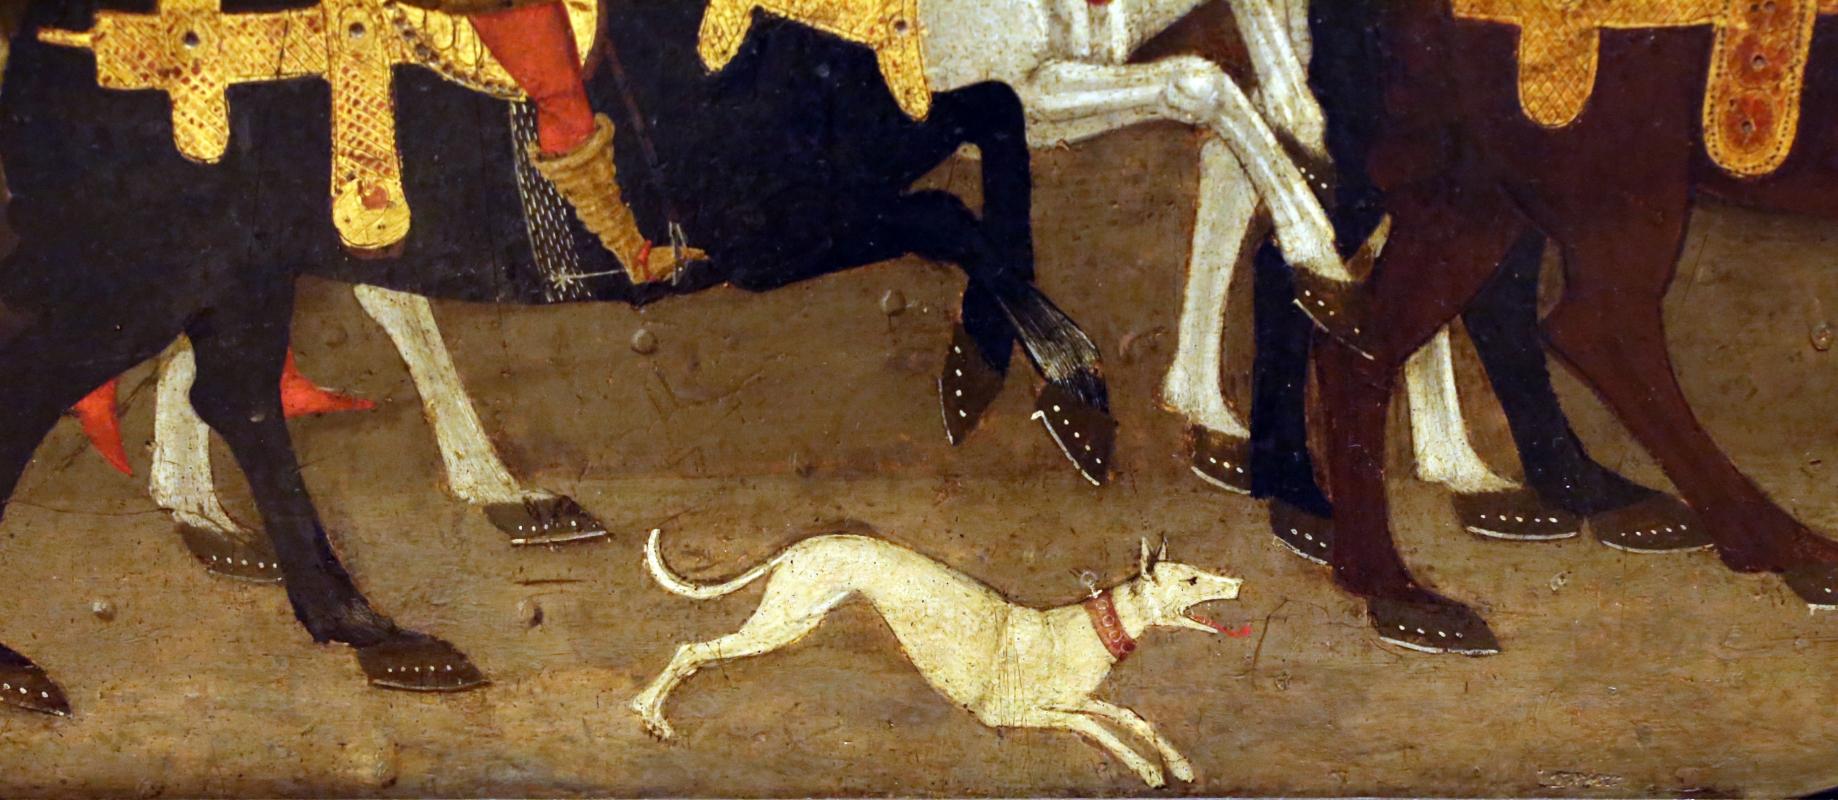 Apollonio di giovanni, novella di griselda, 1440 ca. 04 cane - Sailko - Modena (MO)